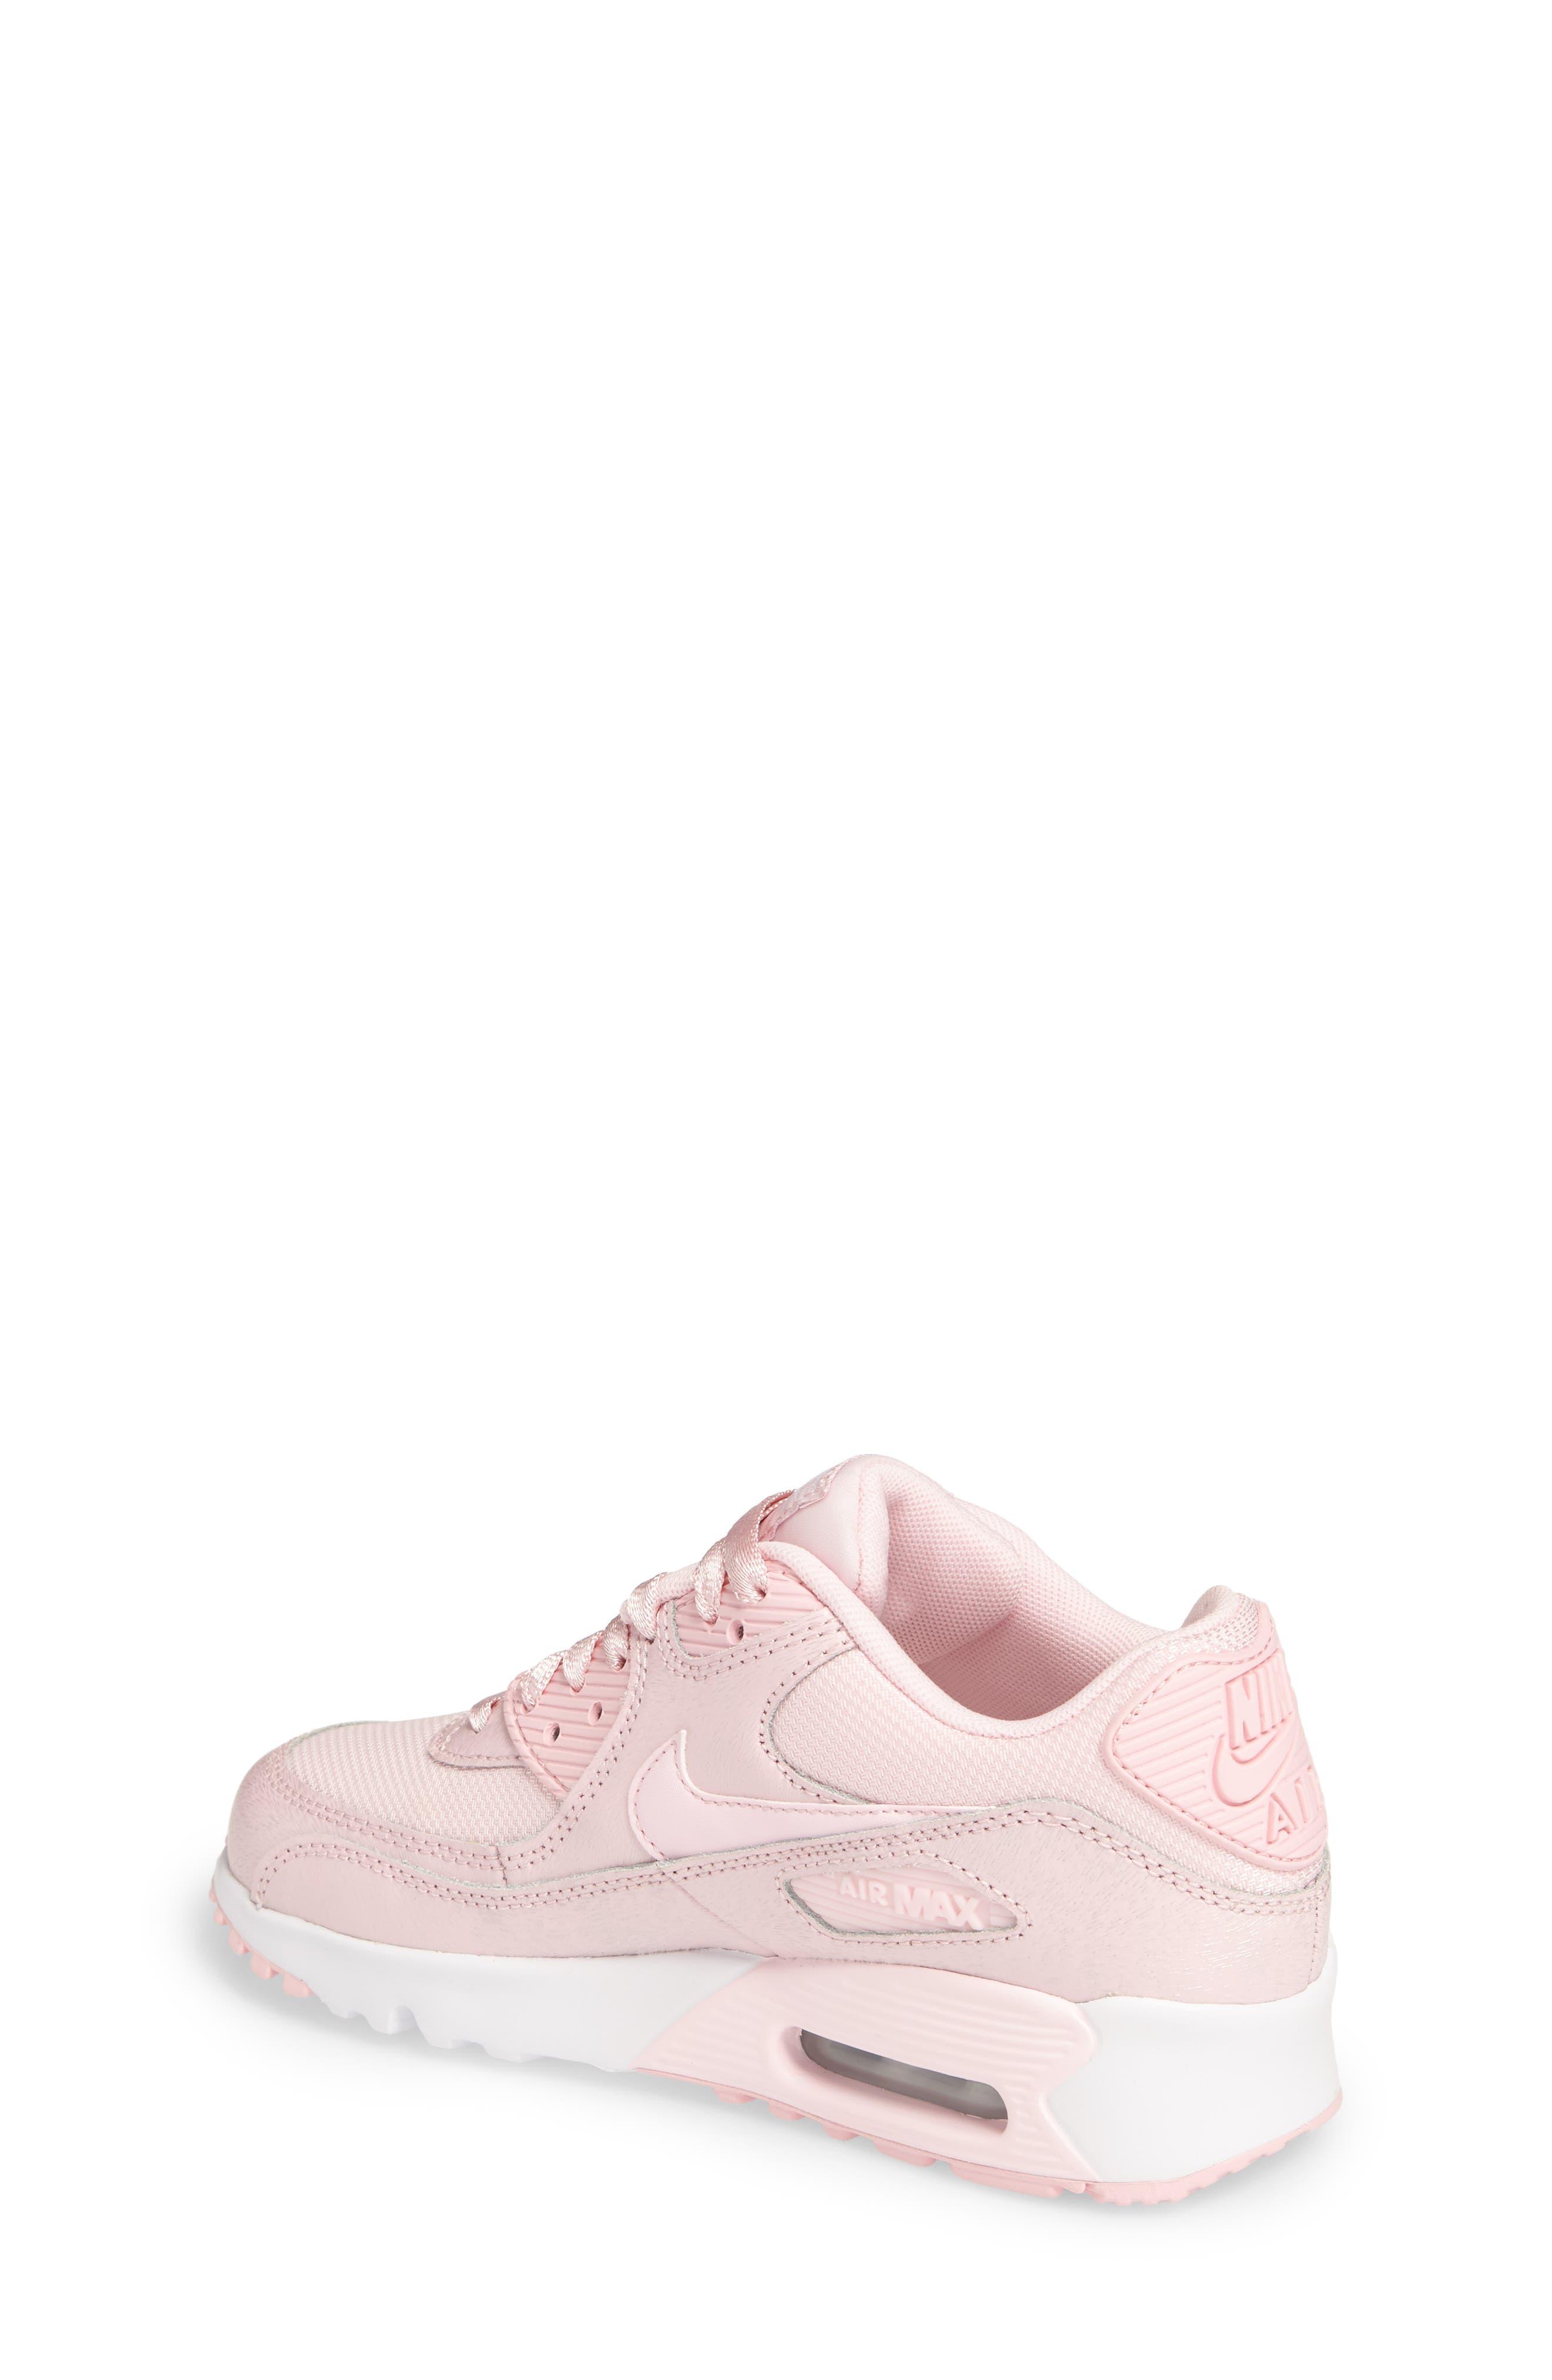 Air Max 90 Mesh Sneaker,                             Alternate thumbnail 2, color,                             650